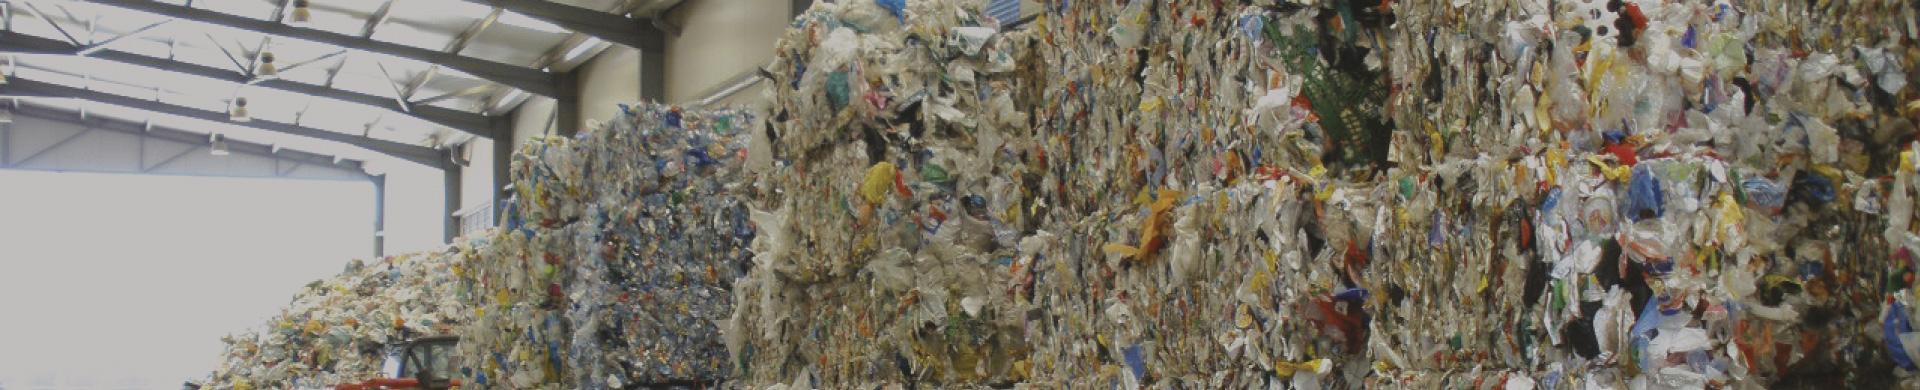 Tractament de residus